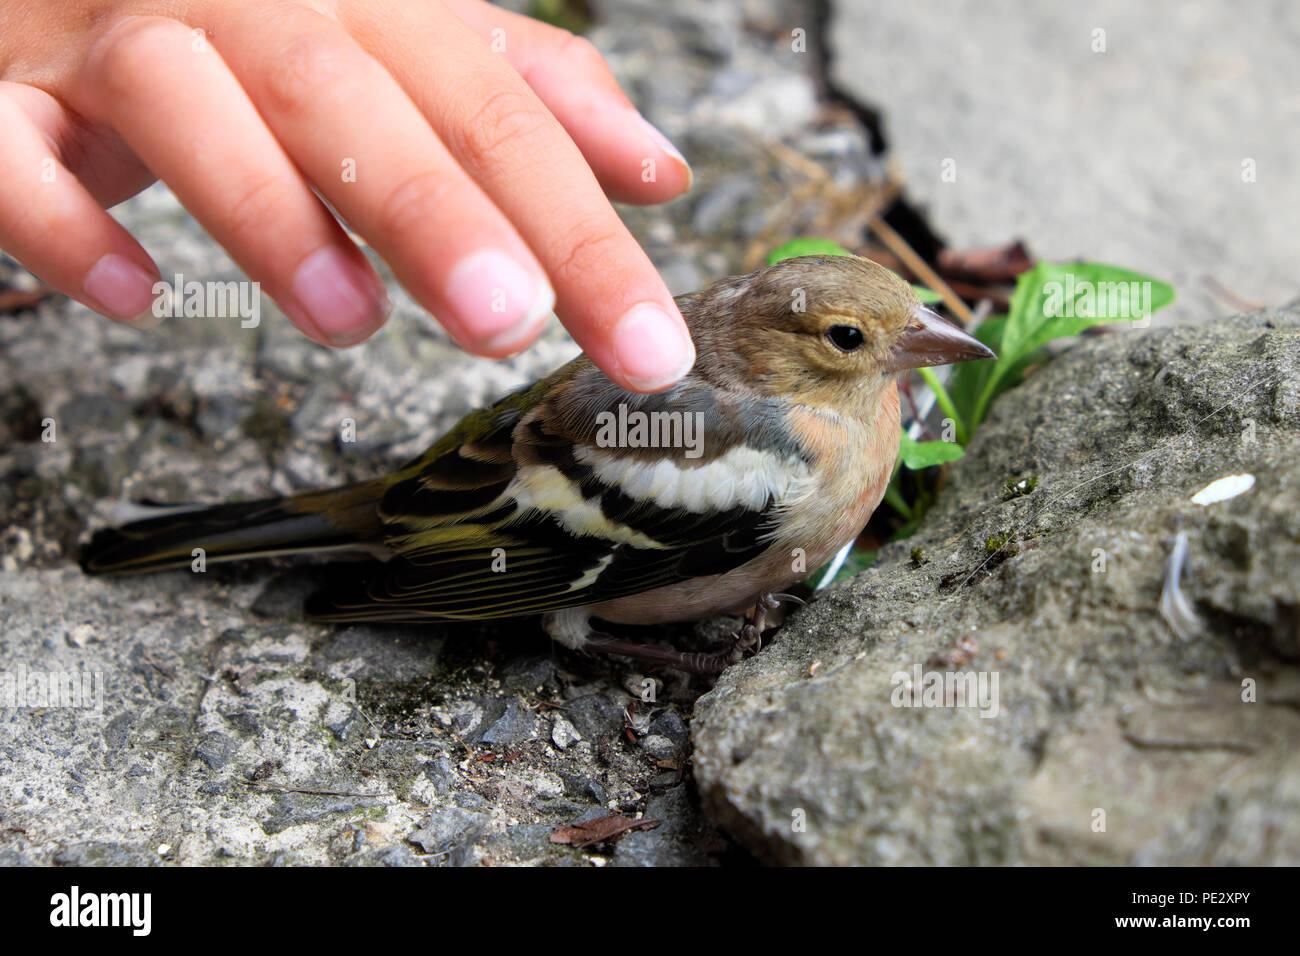 Bambino che mostra la compassione accarezzare un fringuello bird seduta stordito sul terreno dopo la caduta in una finestra Carmarthenshire Wales UK KATHY DEWITT Immagini Stock